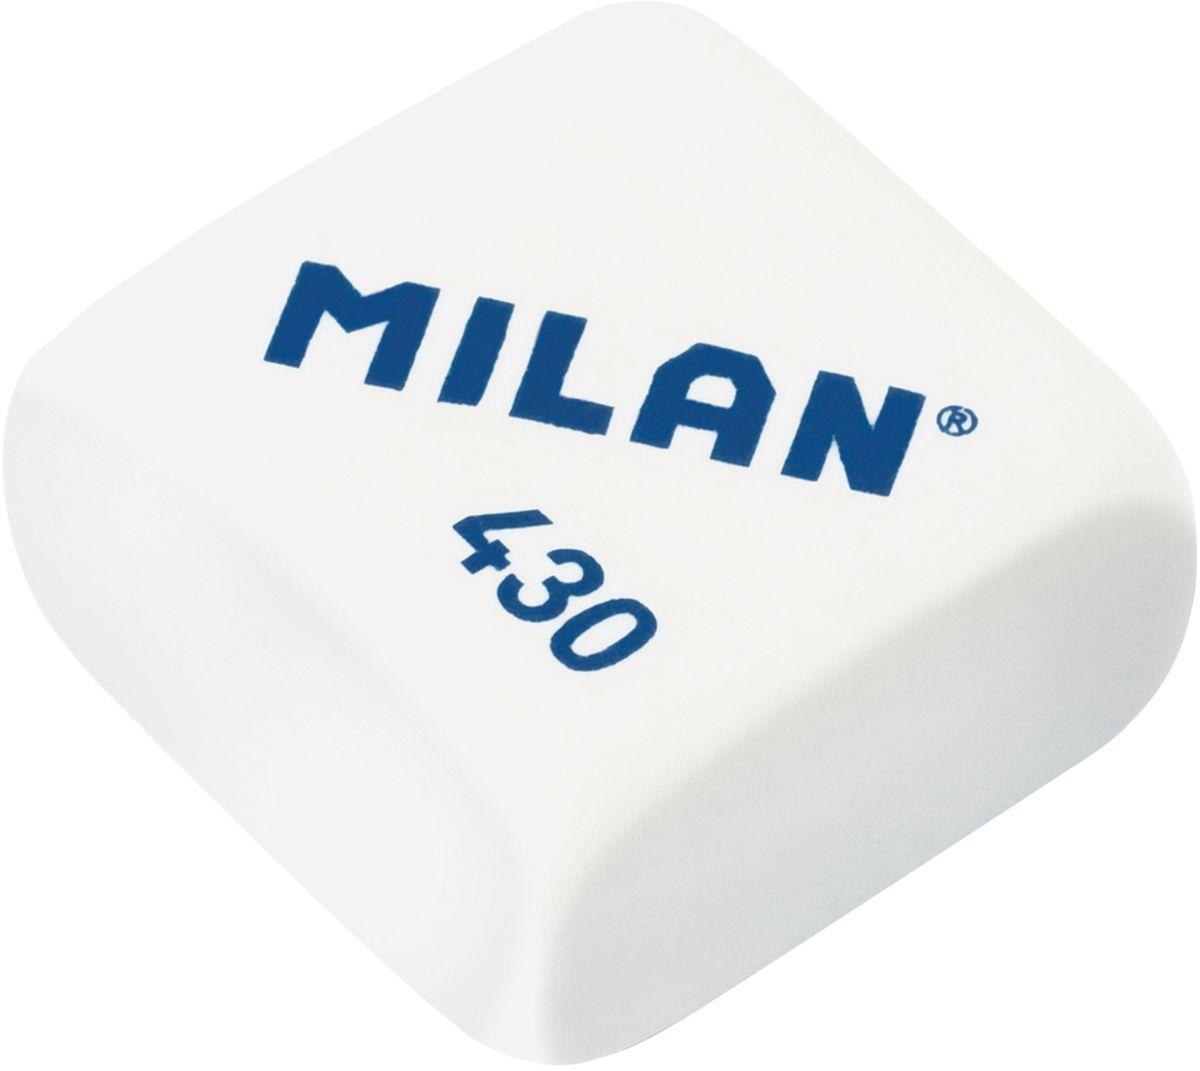 Milan Ластик 430 цвет белый72523WDКачественный мягкий ластик Milan предназначен для работы с мягкими карандашами. Имеет классическую квадратную форму.